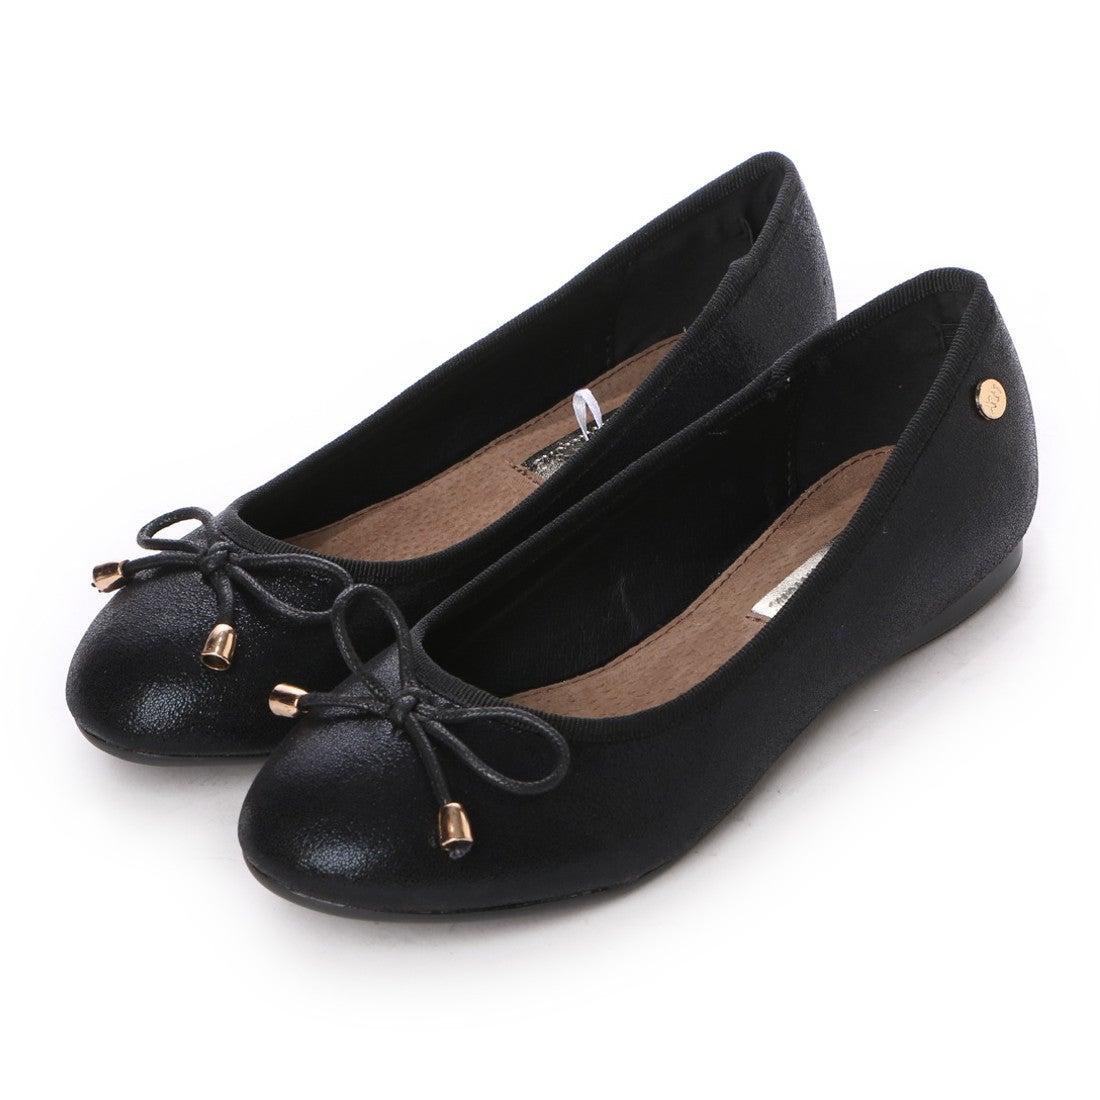 アウトレット(ロコレット) - 靴とファッションの通販サイト ロコンド